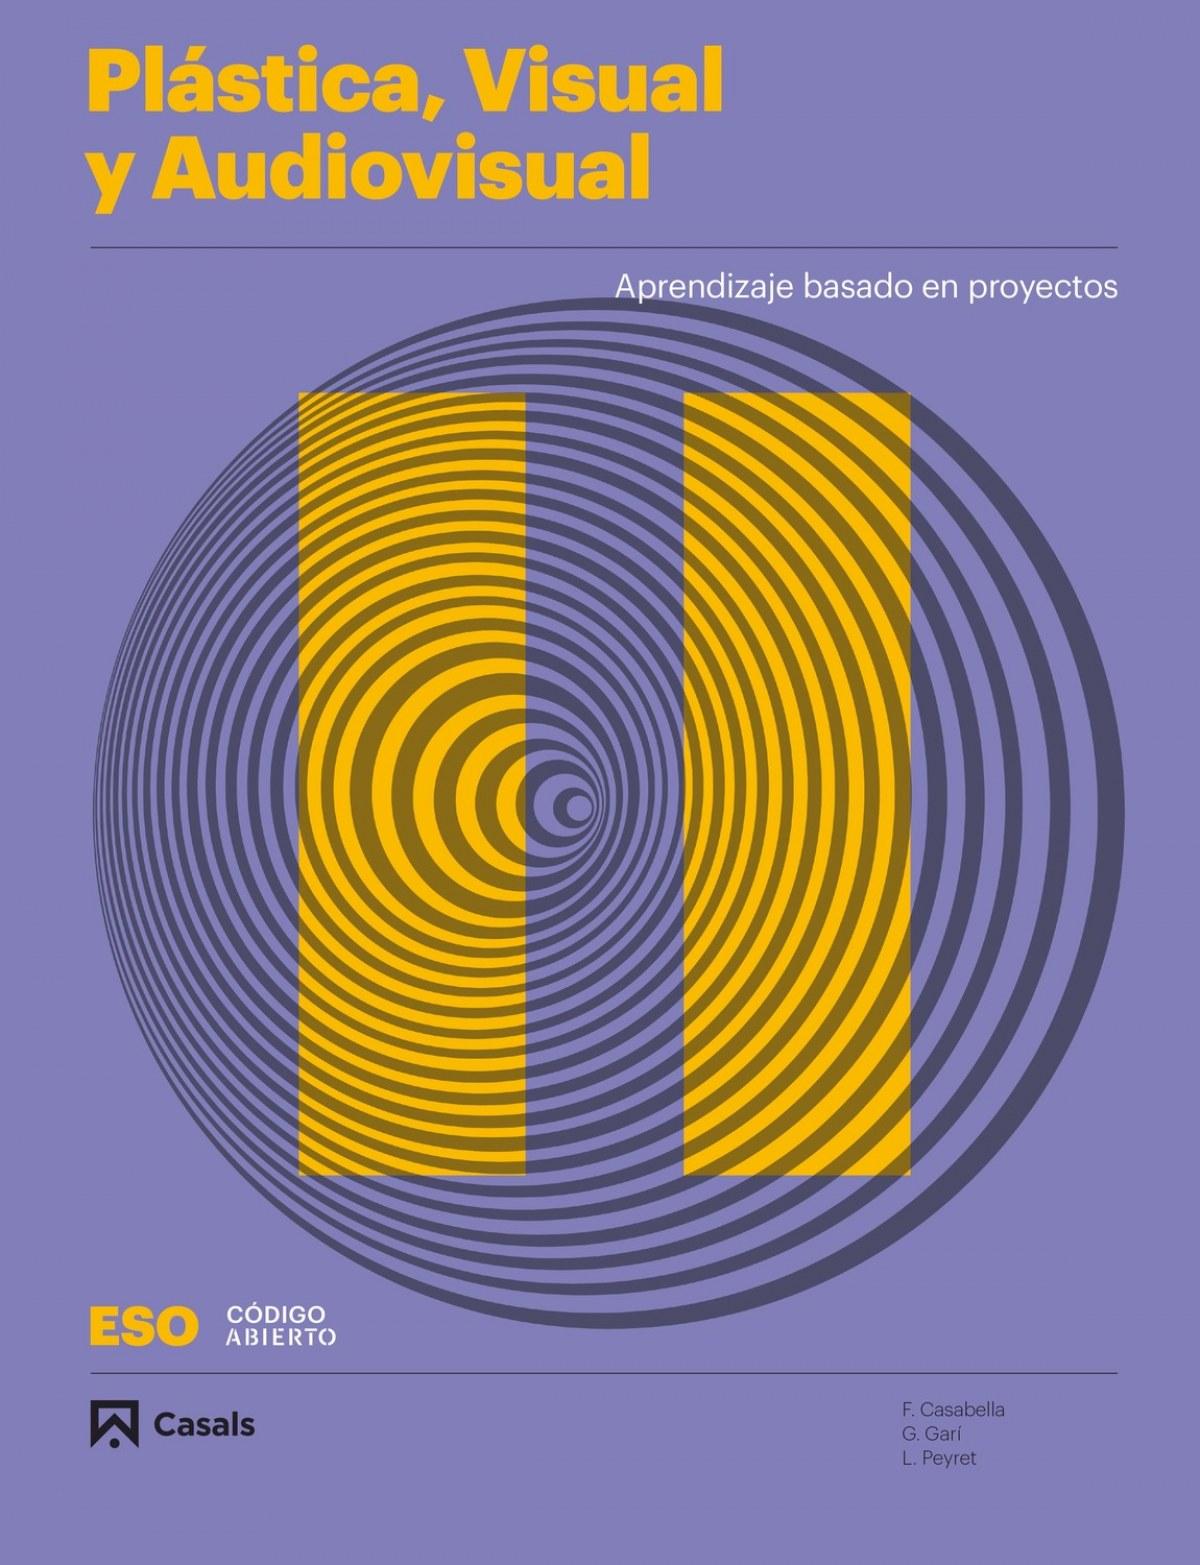 Plástica, Visual y Audiovisual II ESO 2020